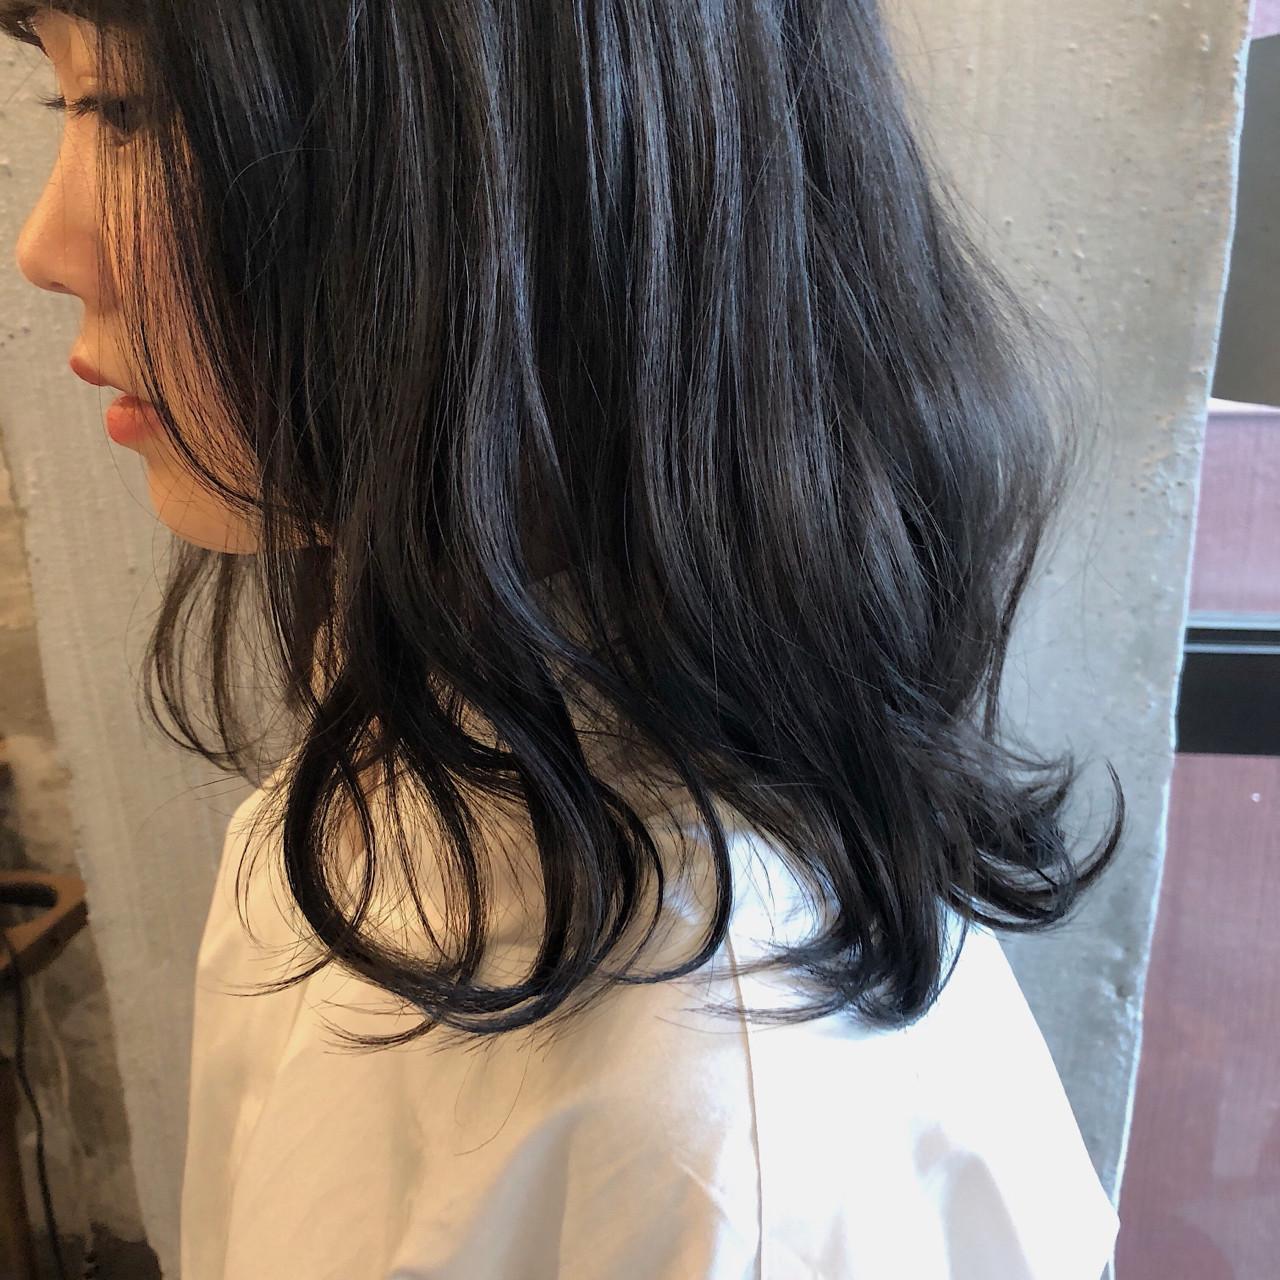 ウェーブ ナチュラル ゆるふわ 暗髪 ヘアスタイルや髪型の写真・画像